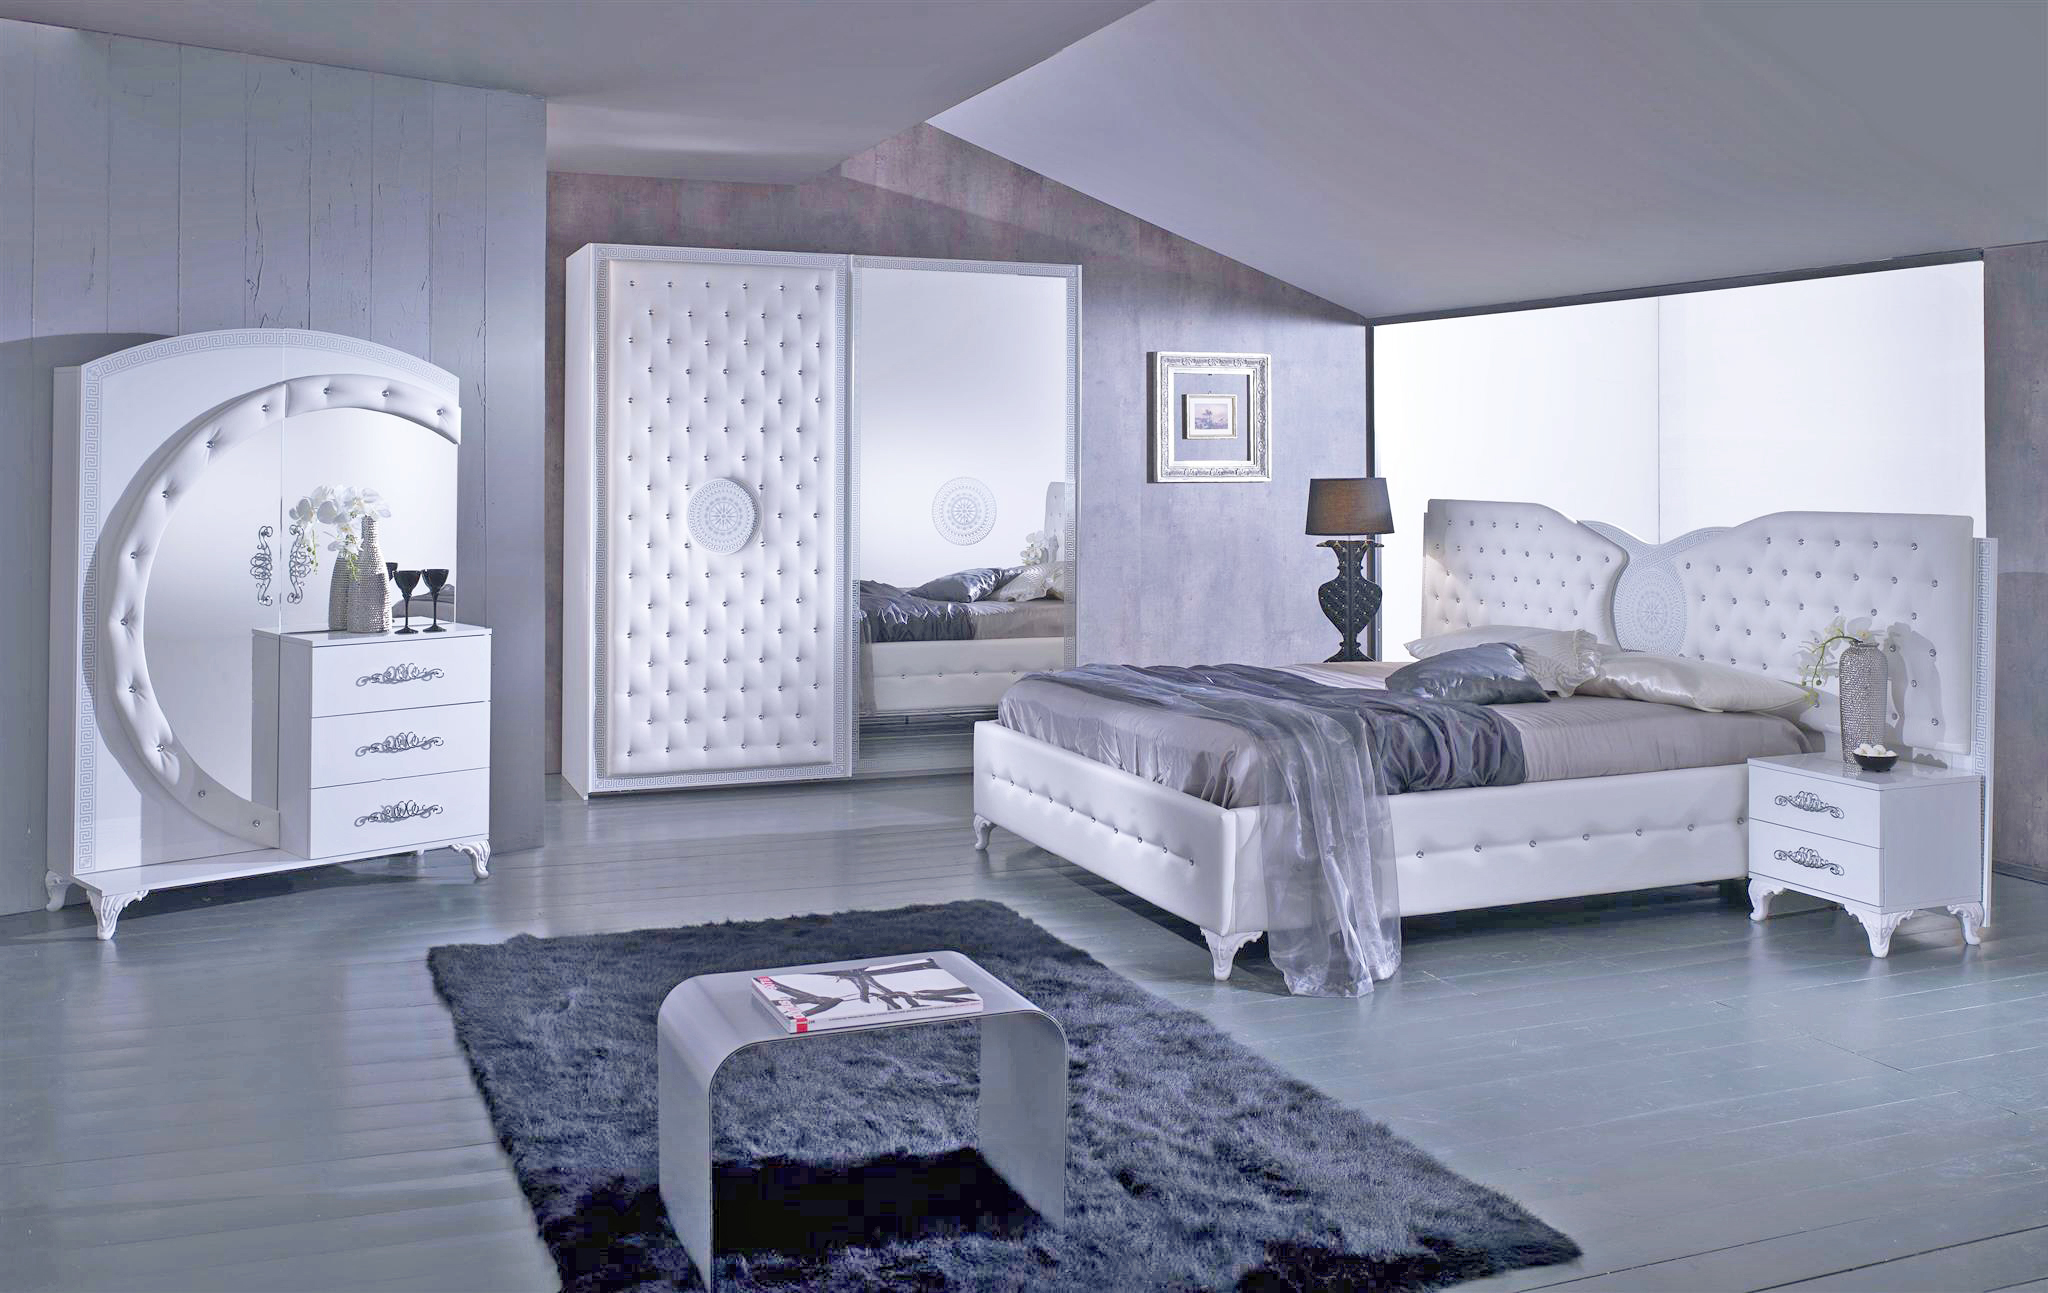 Full Size of Günstige Schlafzimmer Kronleuchter Komplette Gardinen Massivholz Für Komplett Betten Stuhl Deckenlampe Romantische Lampe Schlafzimmer Günstige Schlafzimmer